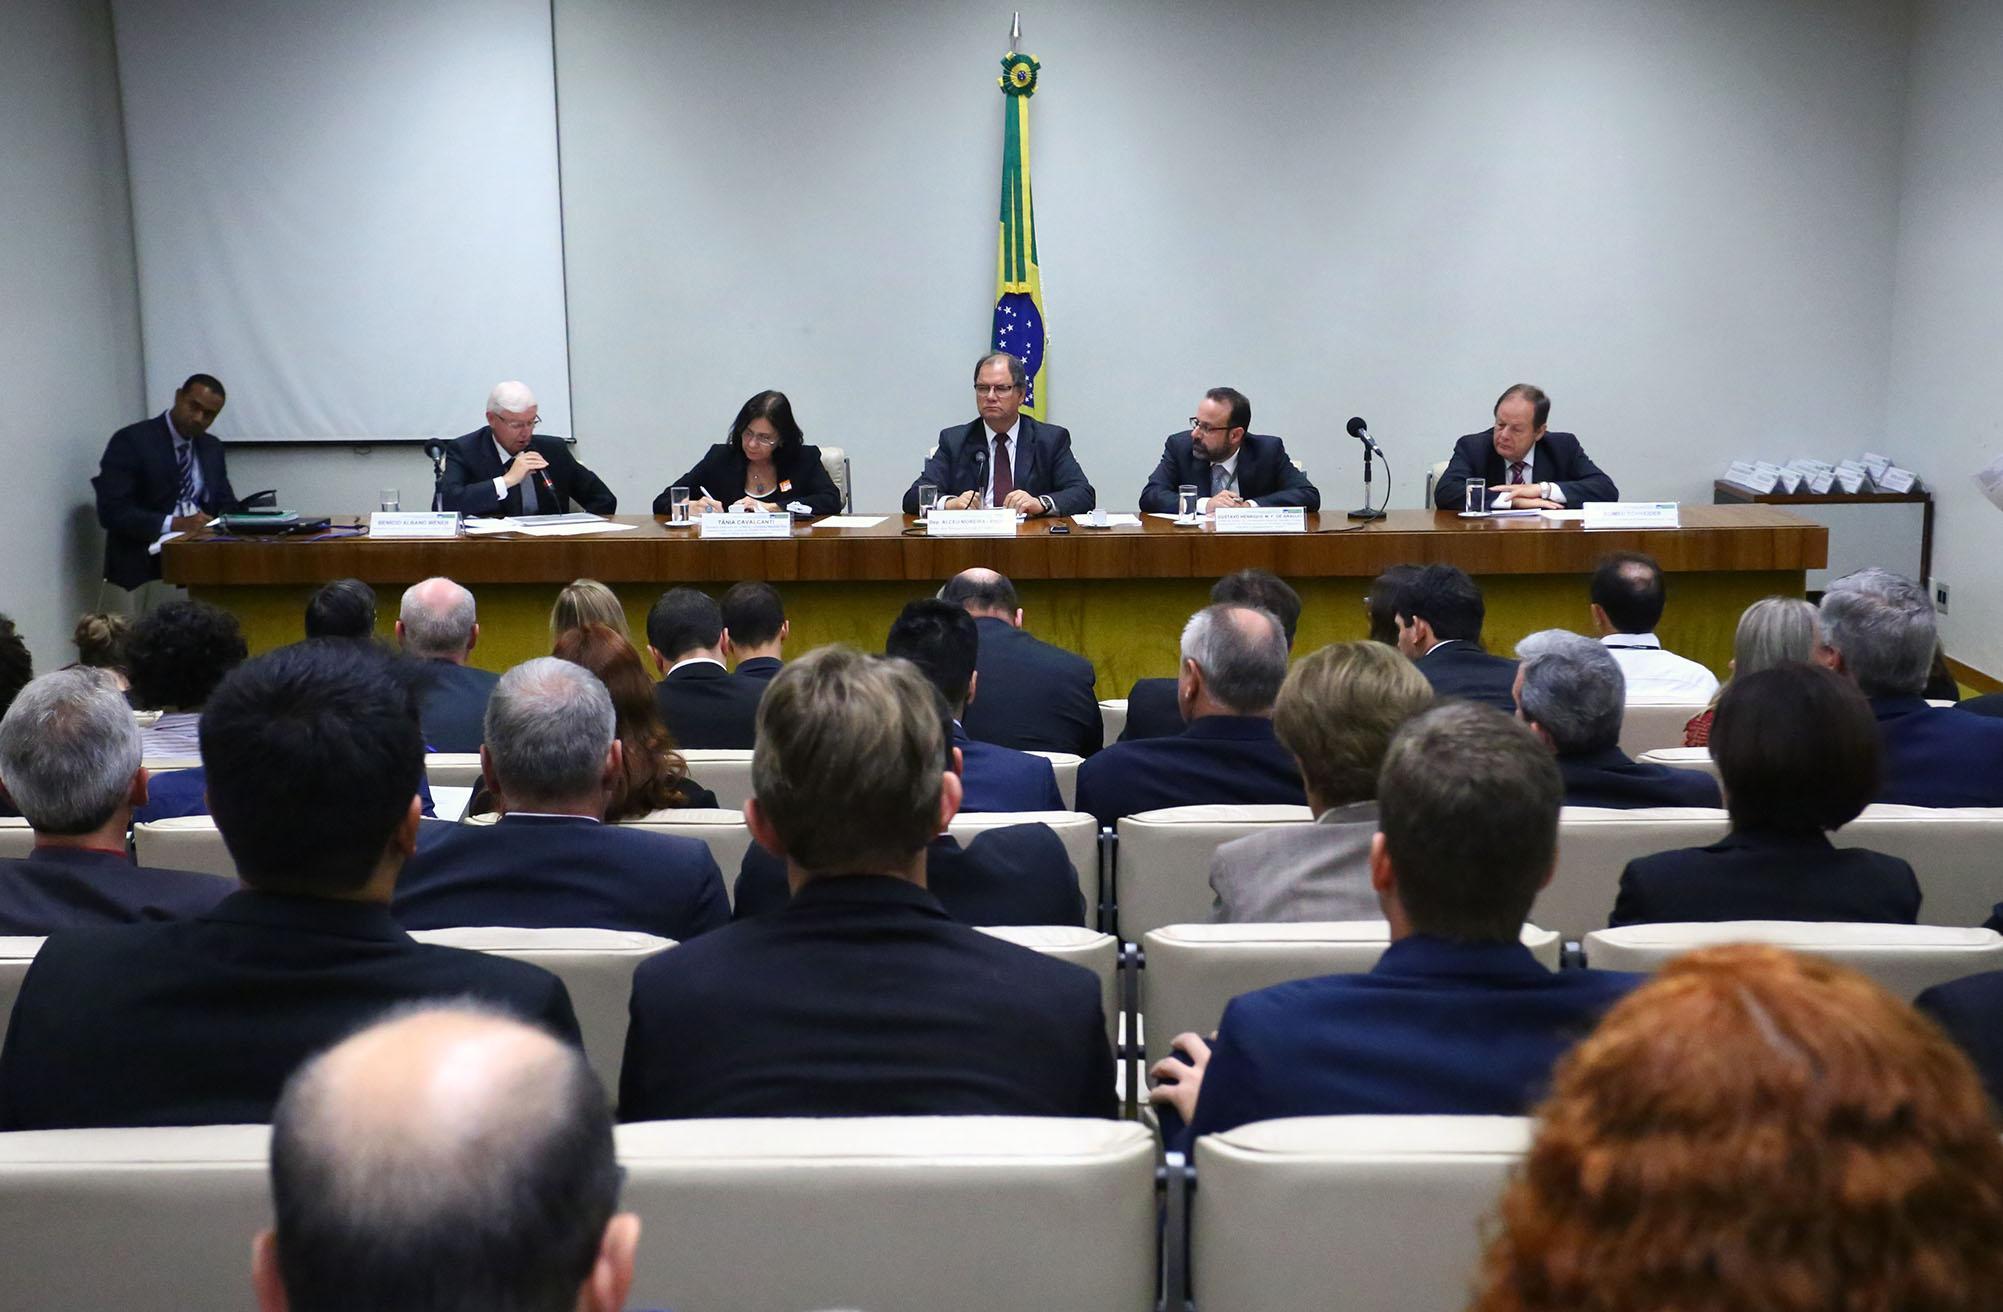 Audiência pública sobre a posição do Brasil na COP 8, bem como a situação atual da cadeia produtiva do tabaco